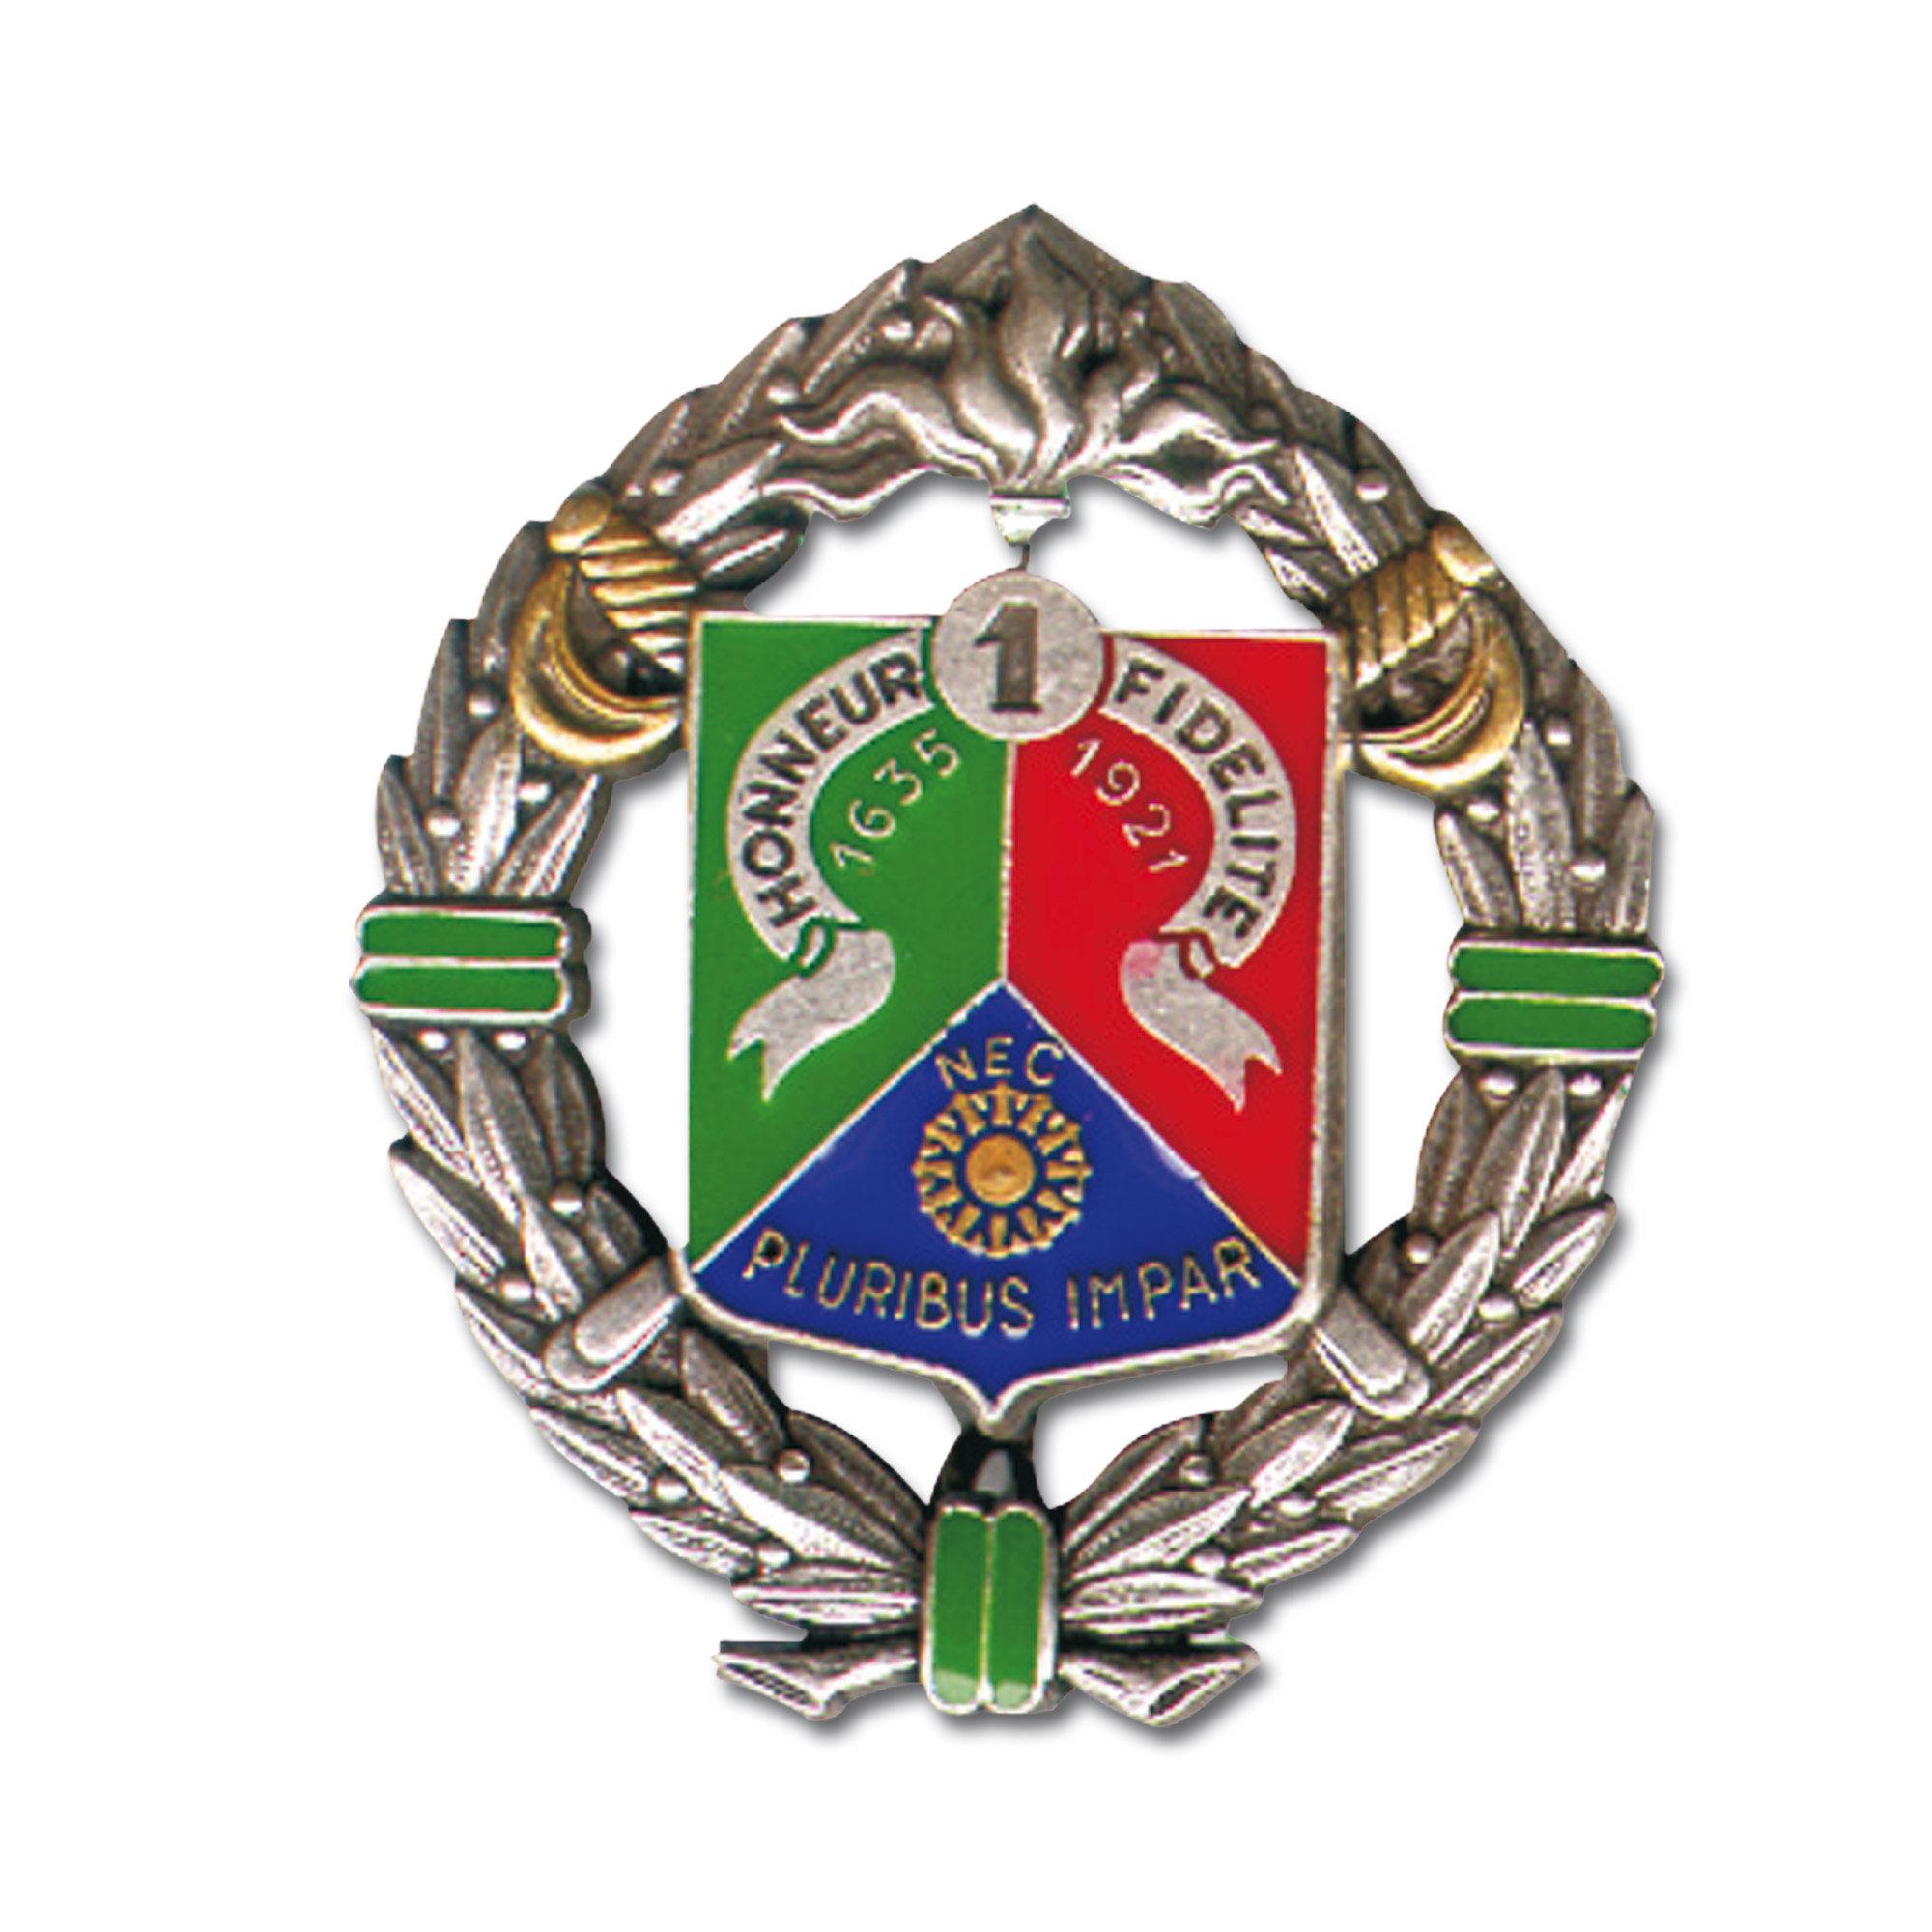 Abzeichen franz. Legion 1.REC